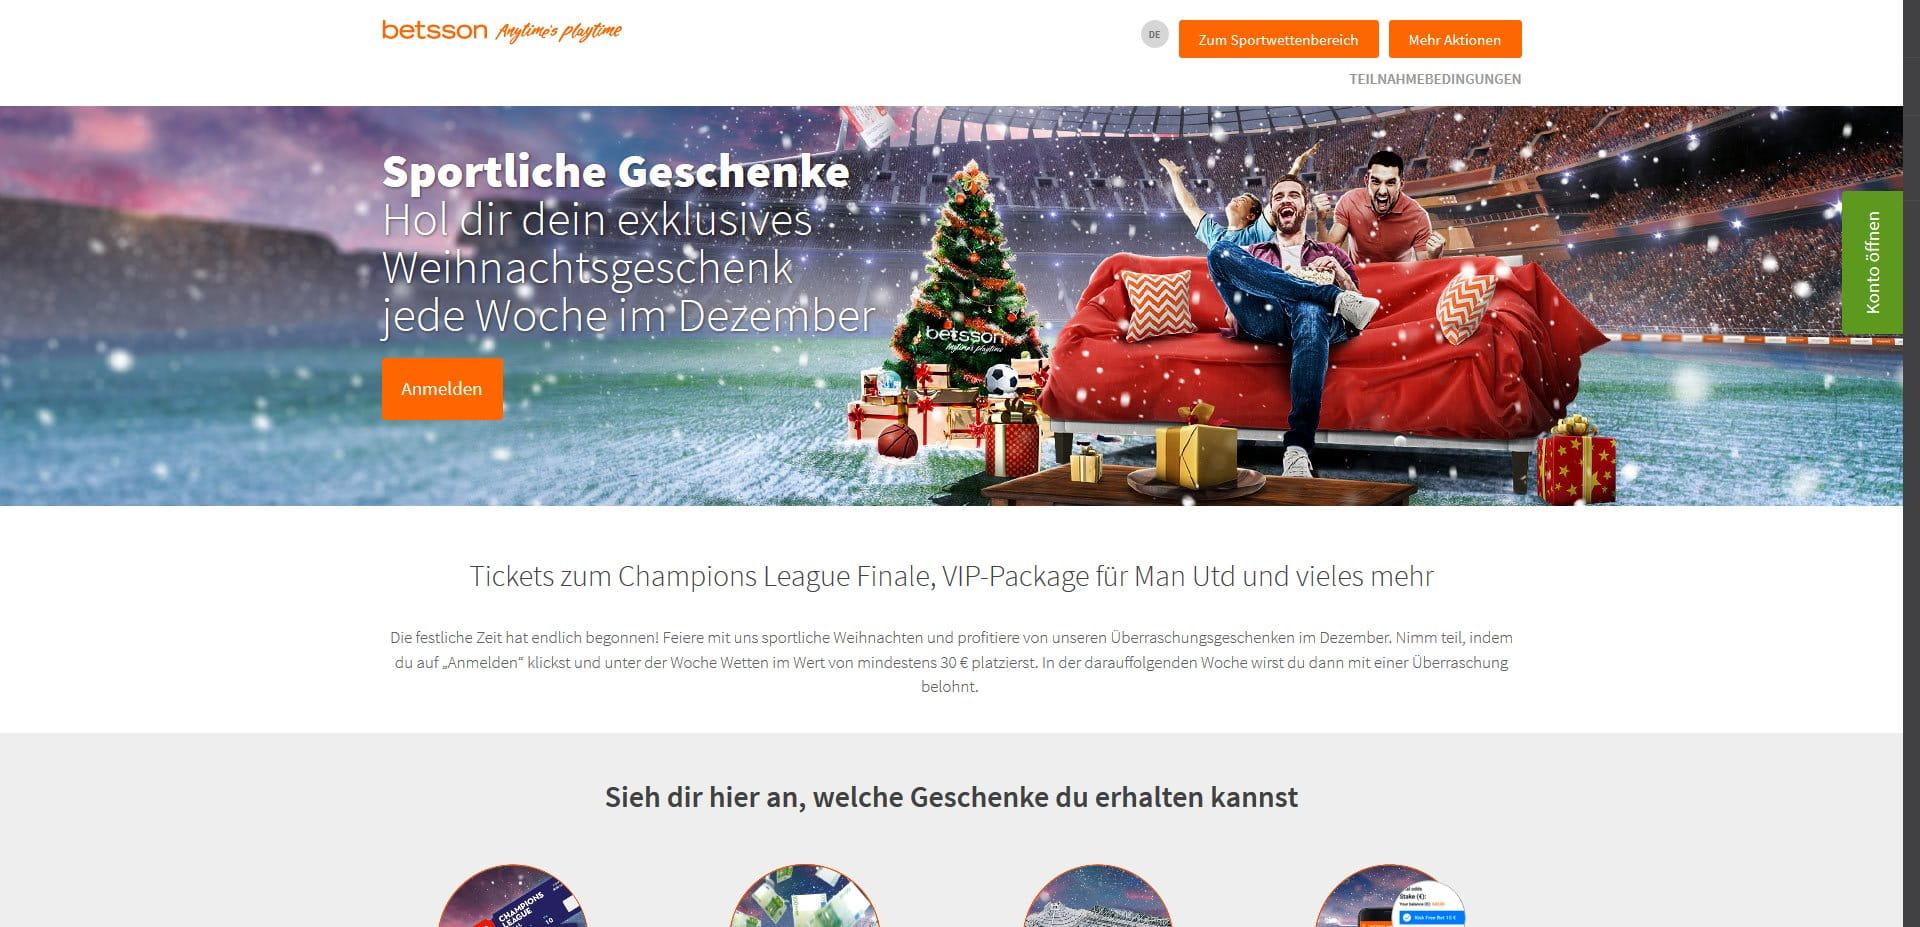 Betsson verlost tolle Weihnachtsgeschenke - Sportwetten Bonus